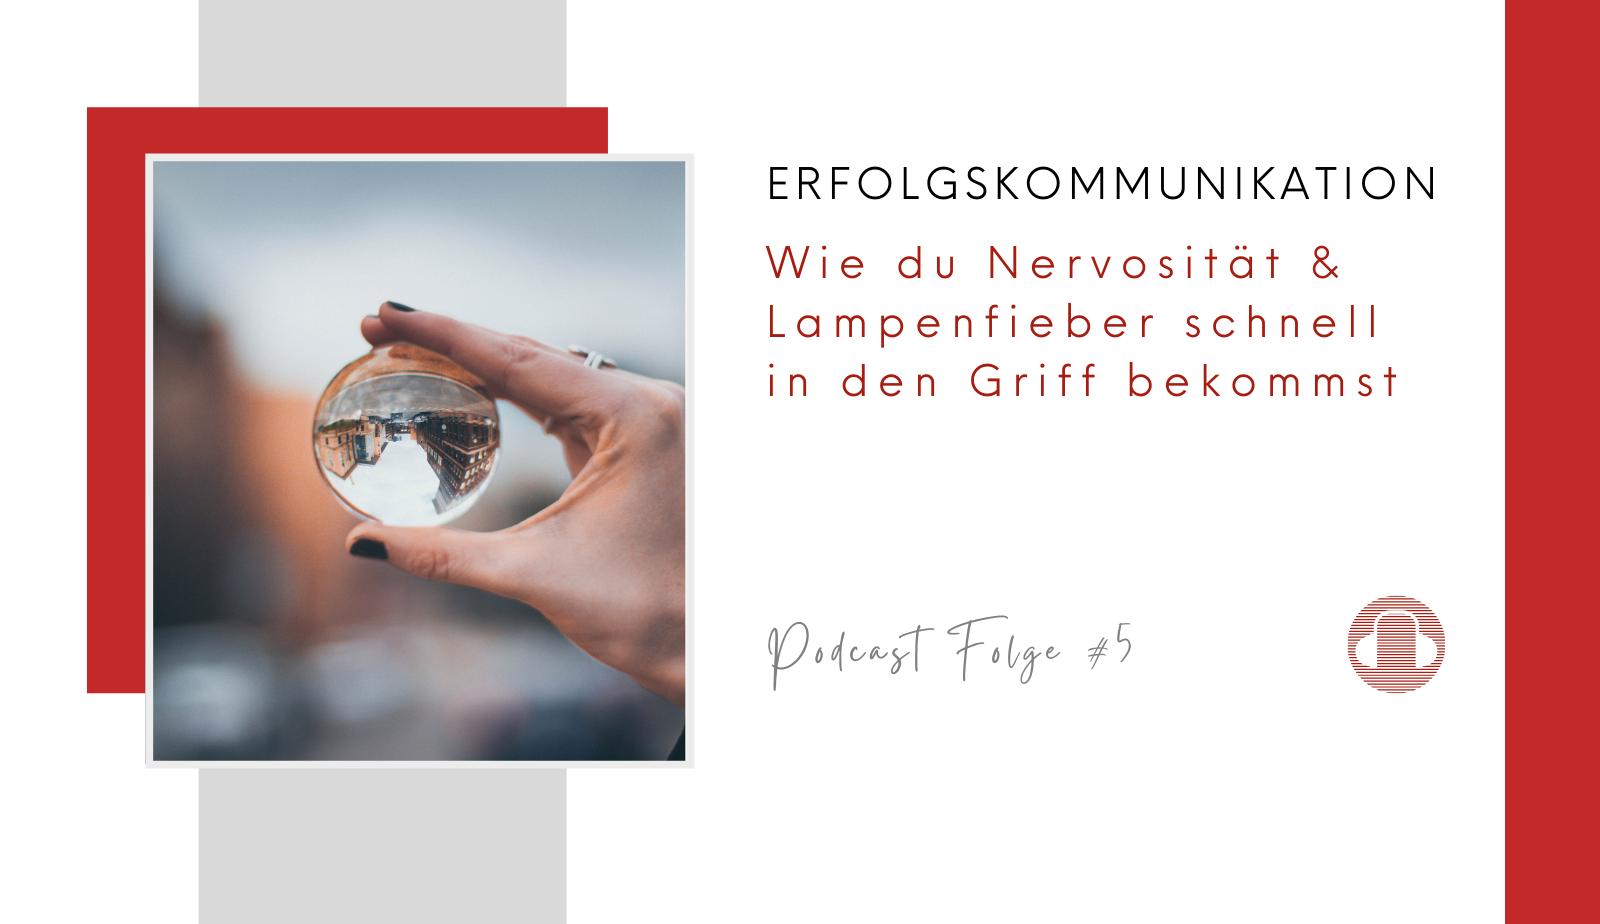 Erfolgkommunikation-Podcast-Nervositaet-Lampenfieber-in-den-Grif